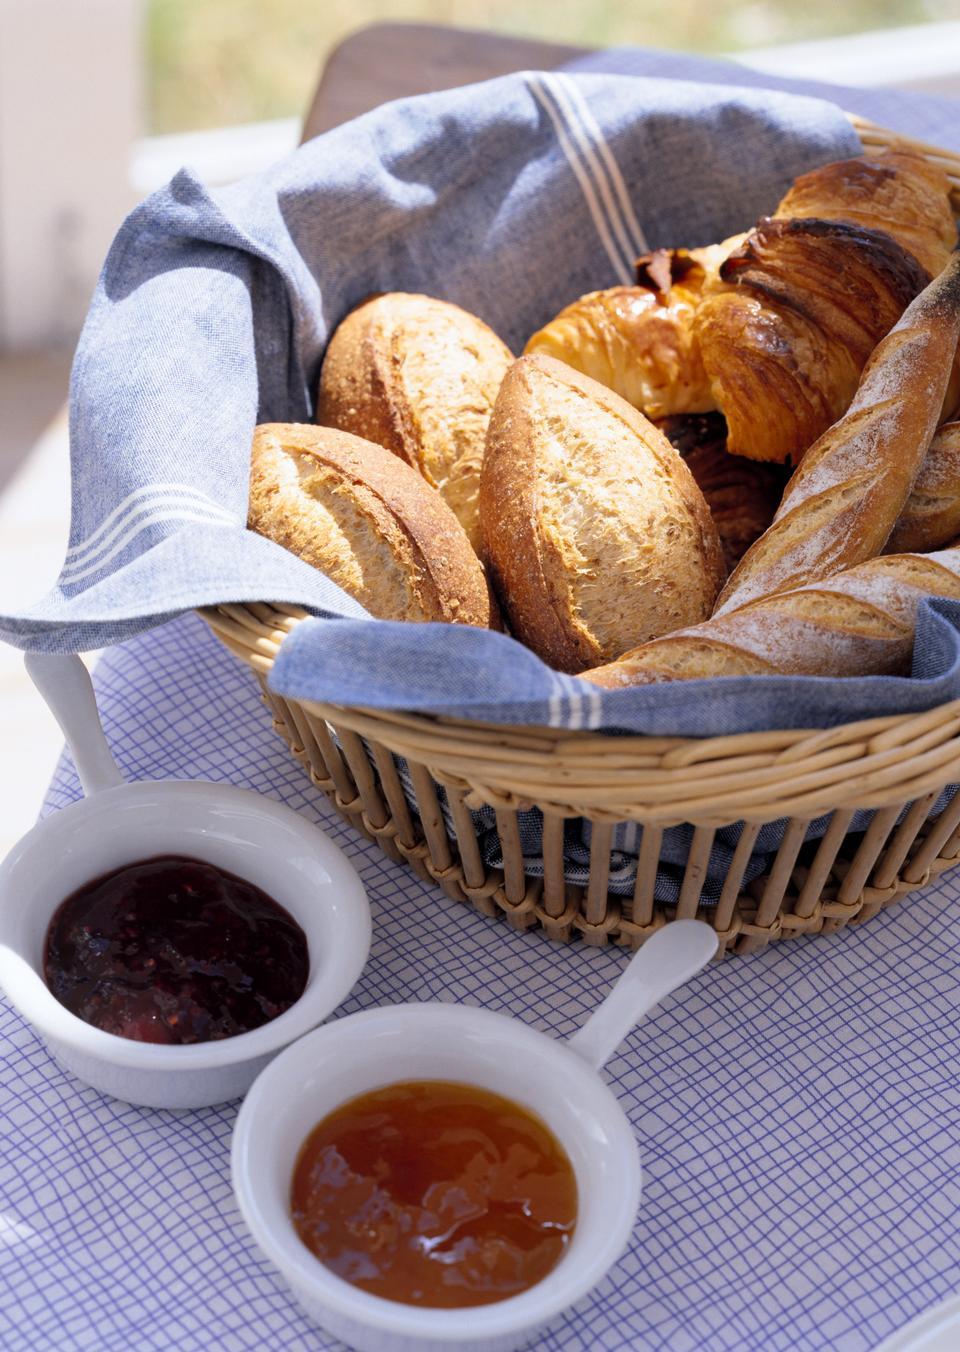 设置表与面包篮